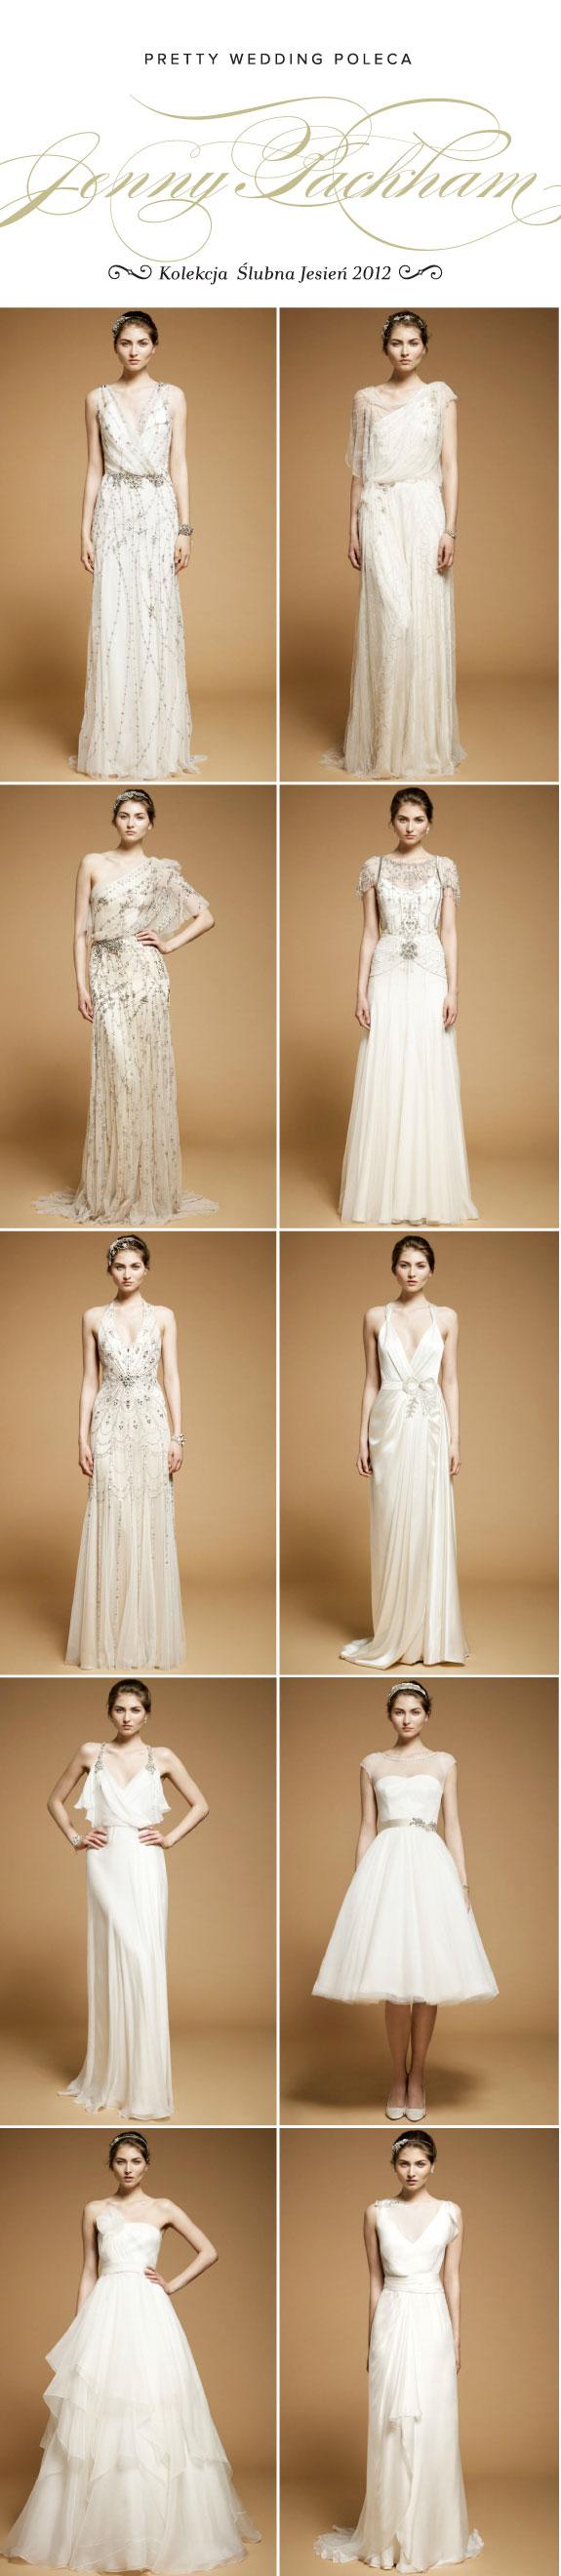 Suknie Ślubne 2012, Kolekcja Jenny Packam